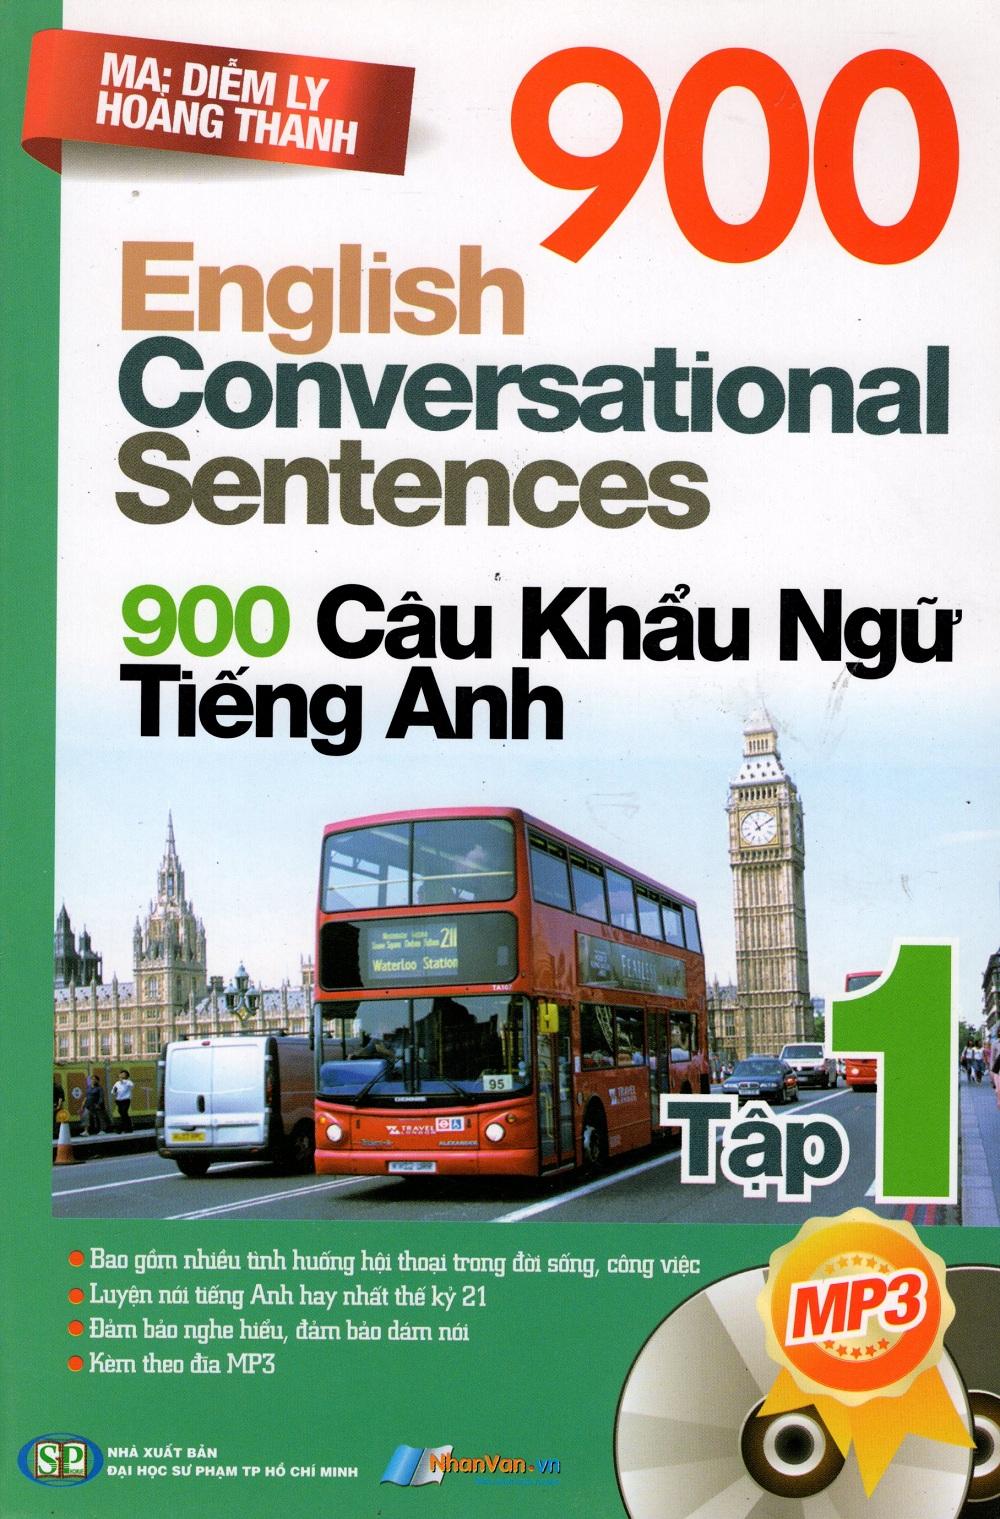 Bìa sách 900 Câu Khẩu Ngữ Tiếng Anh (Tập 1)